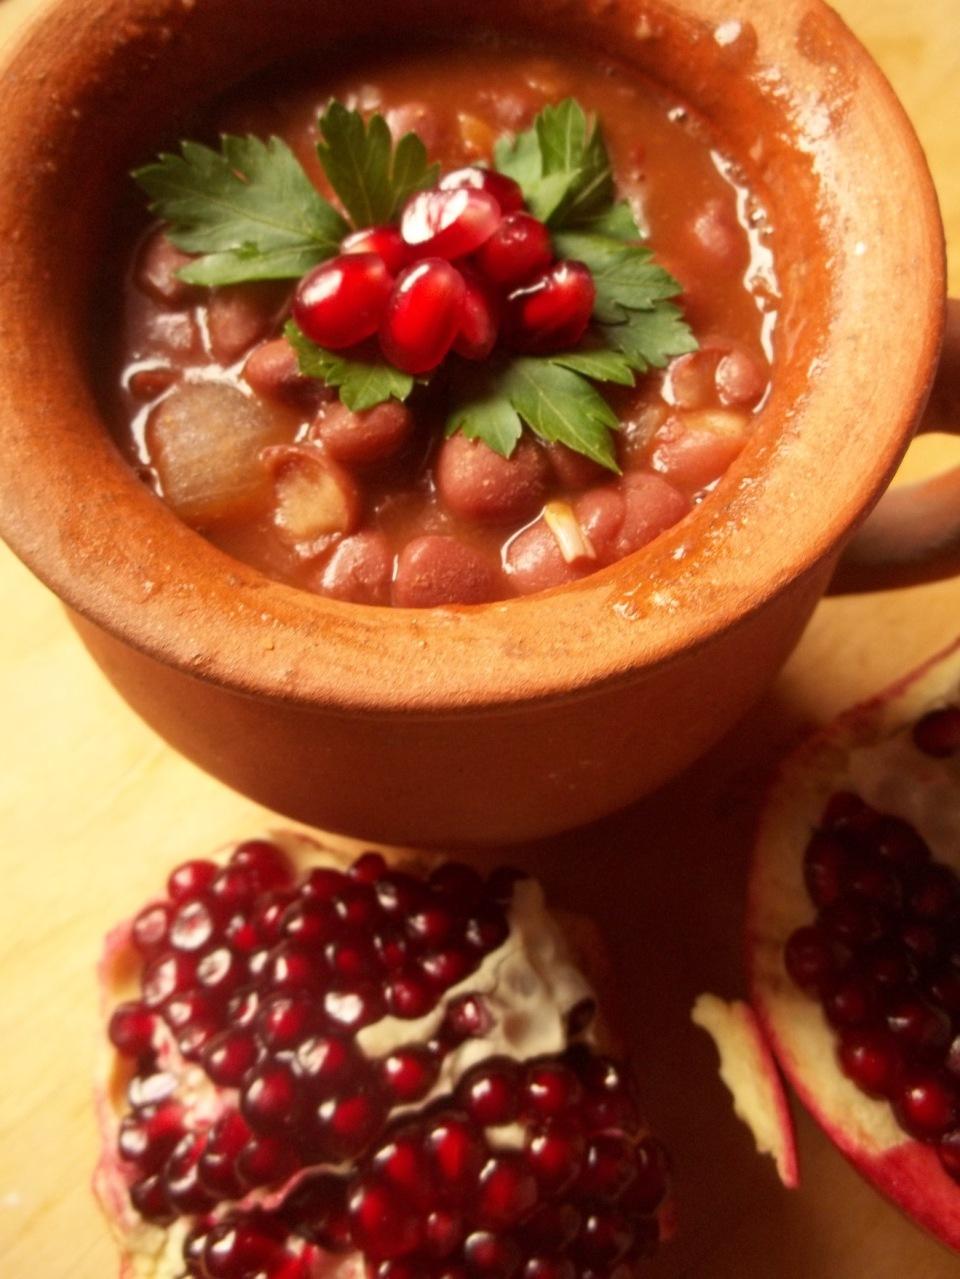 Lobio with Pomegranate Juice_1 - Copy